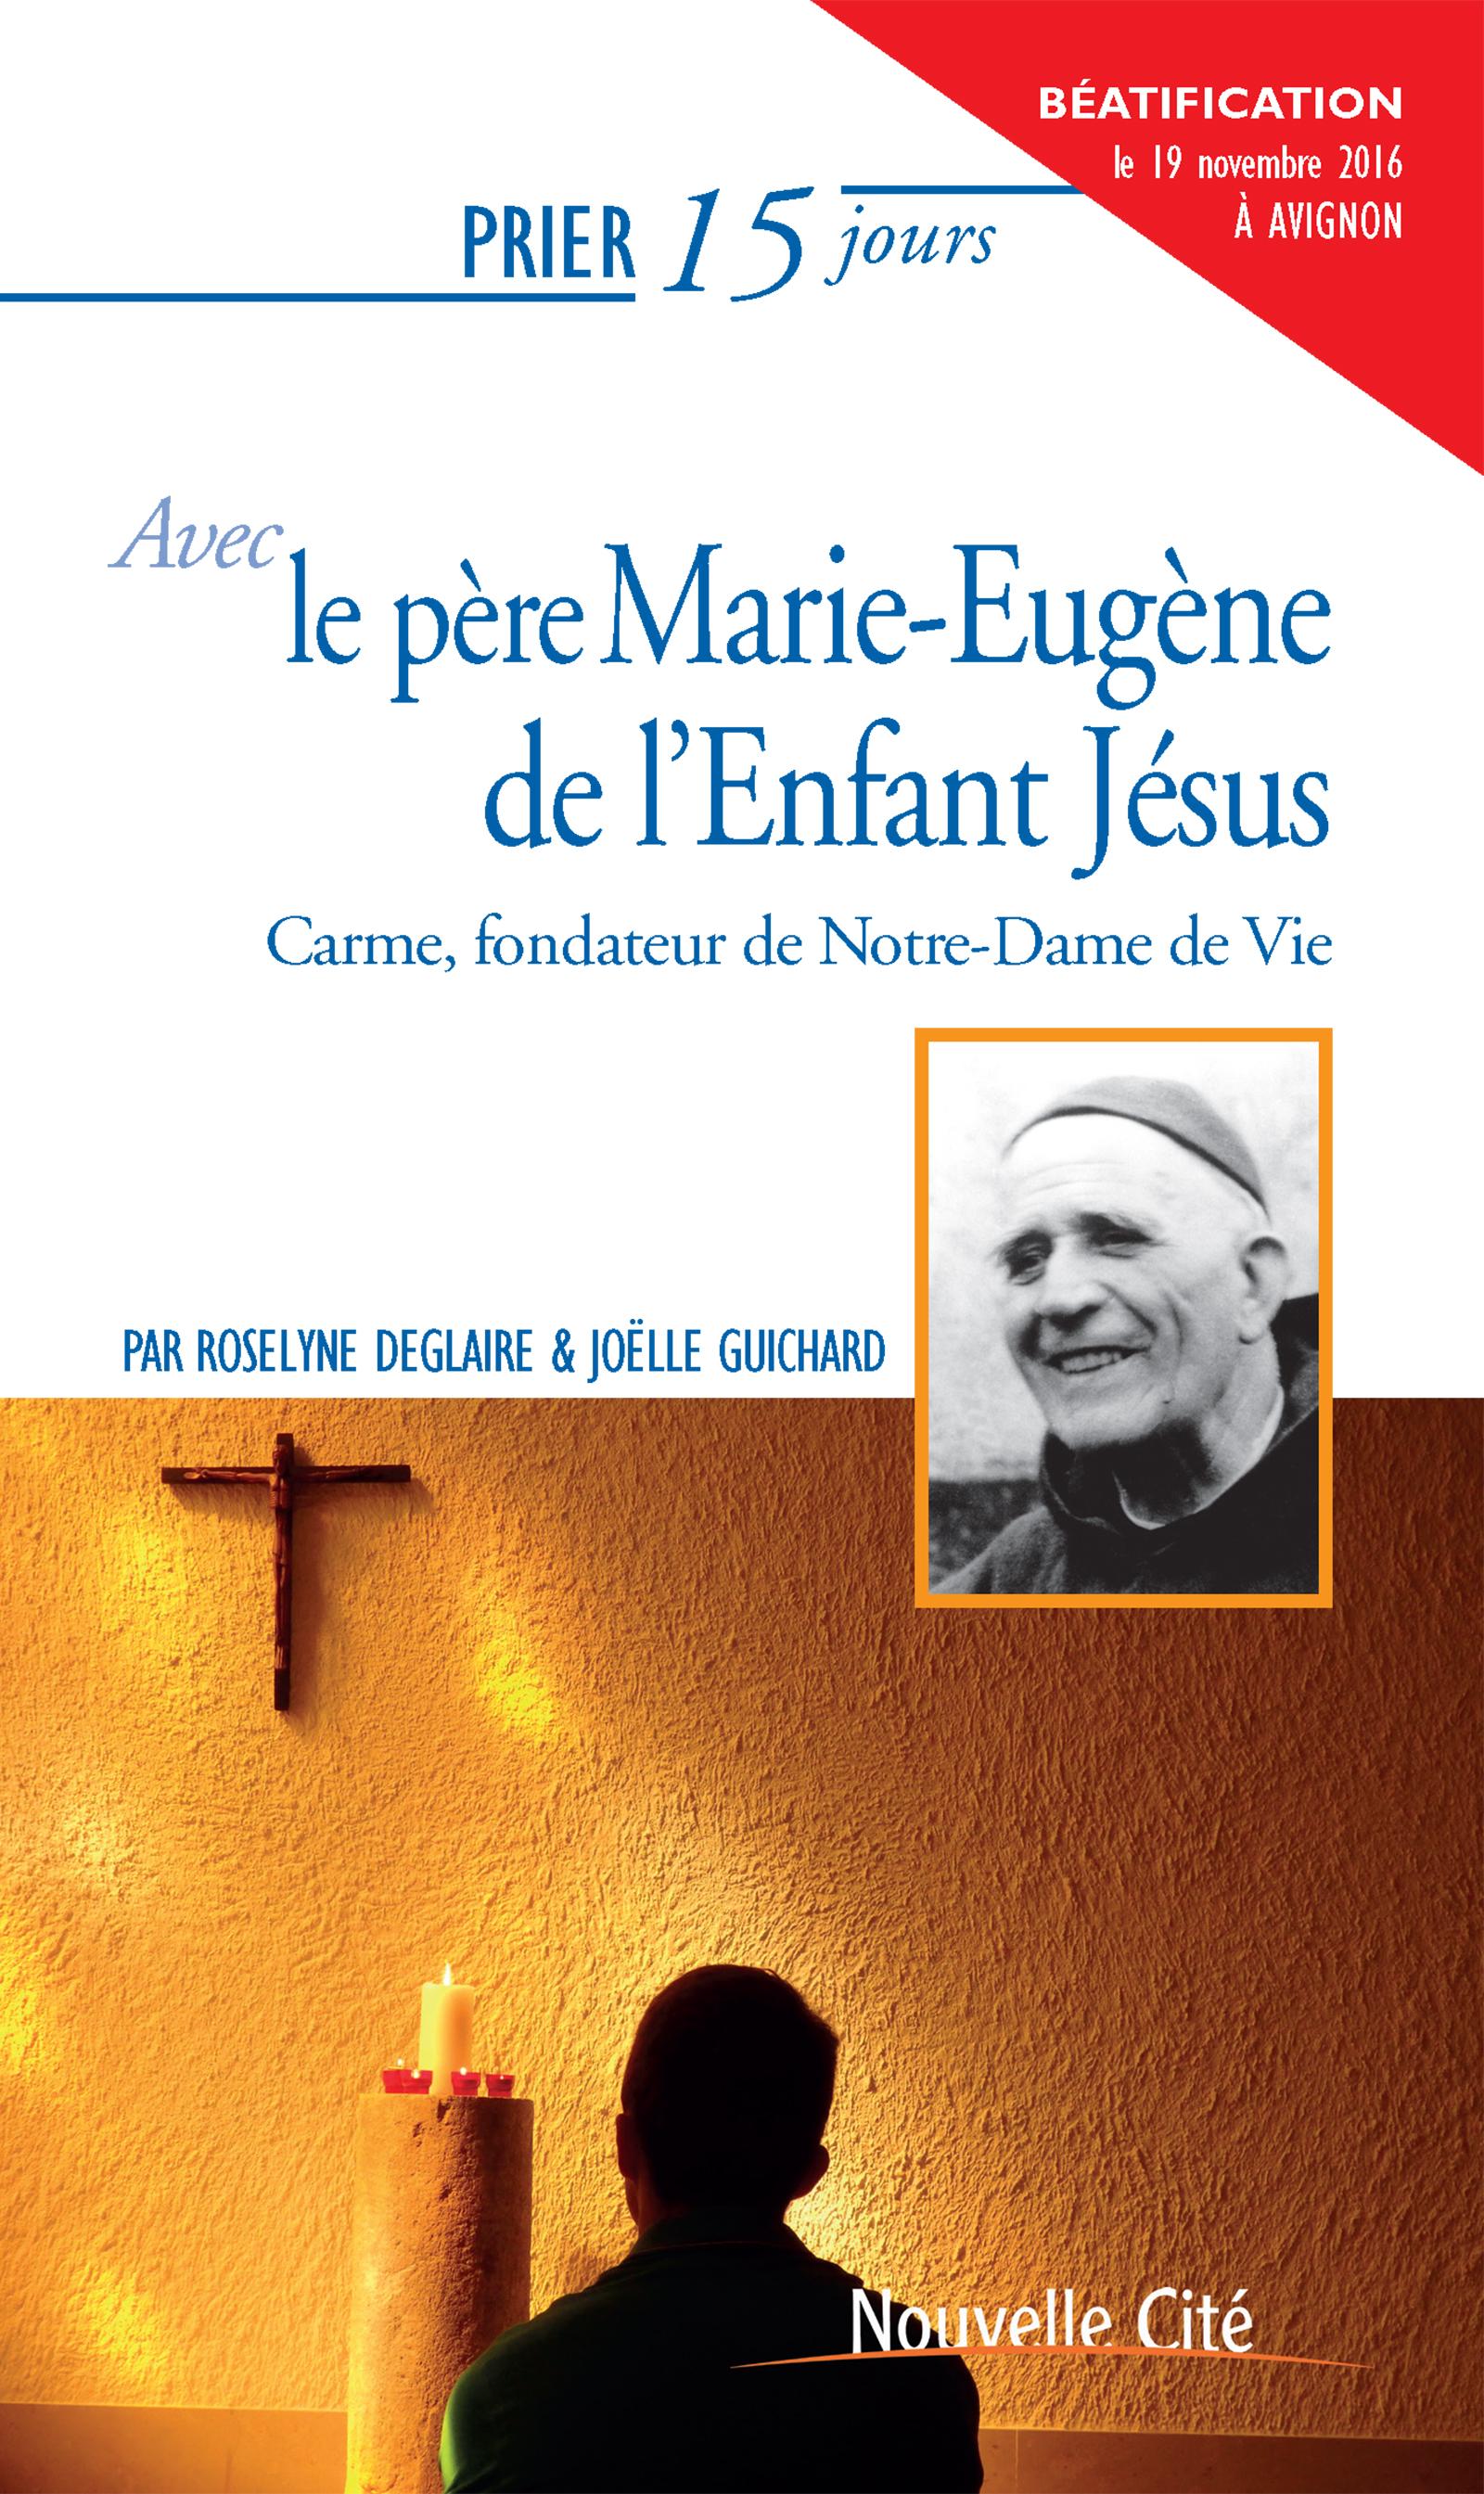 Prier 15 jours avec le père Marie-Eugène de l'Enfant Jésus